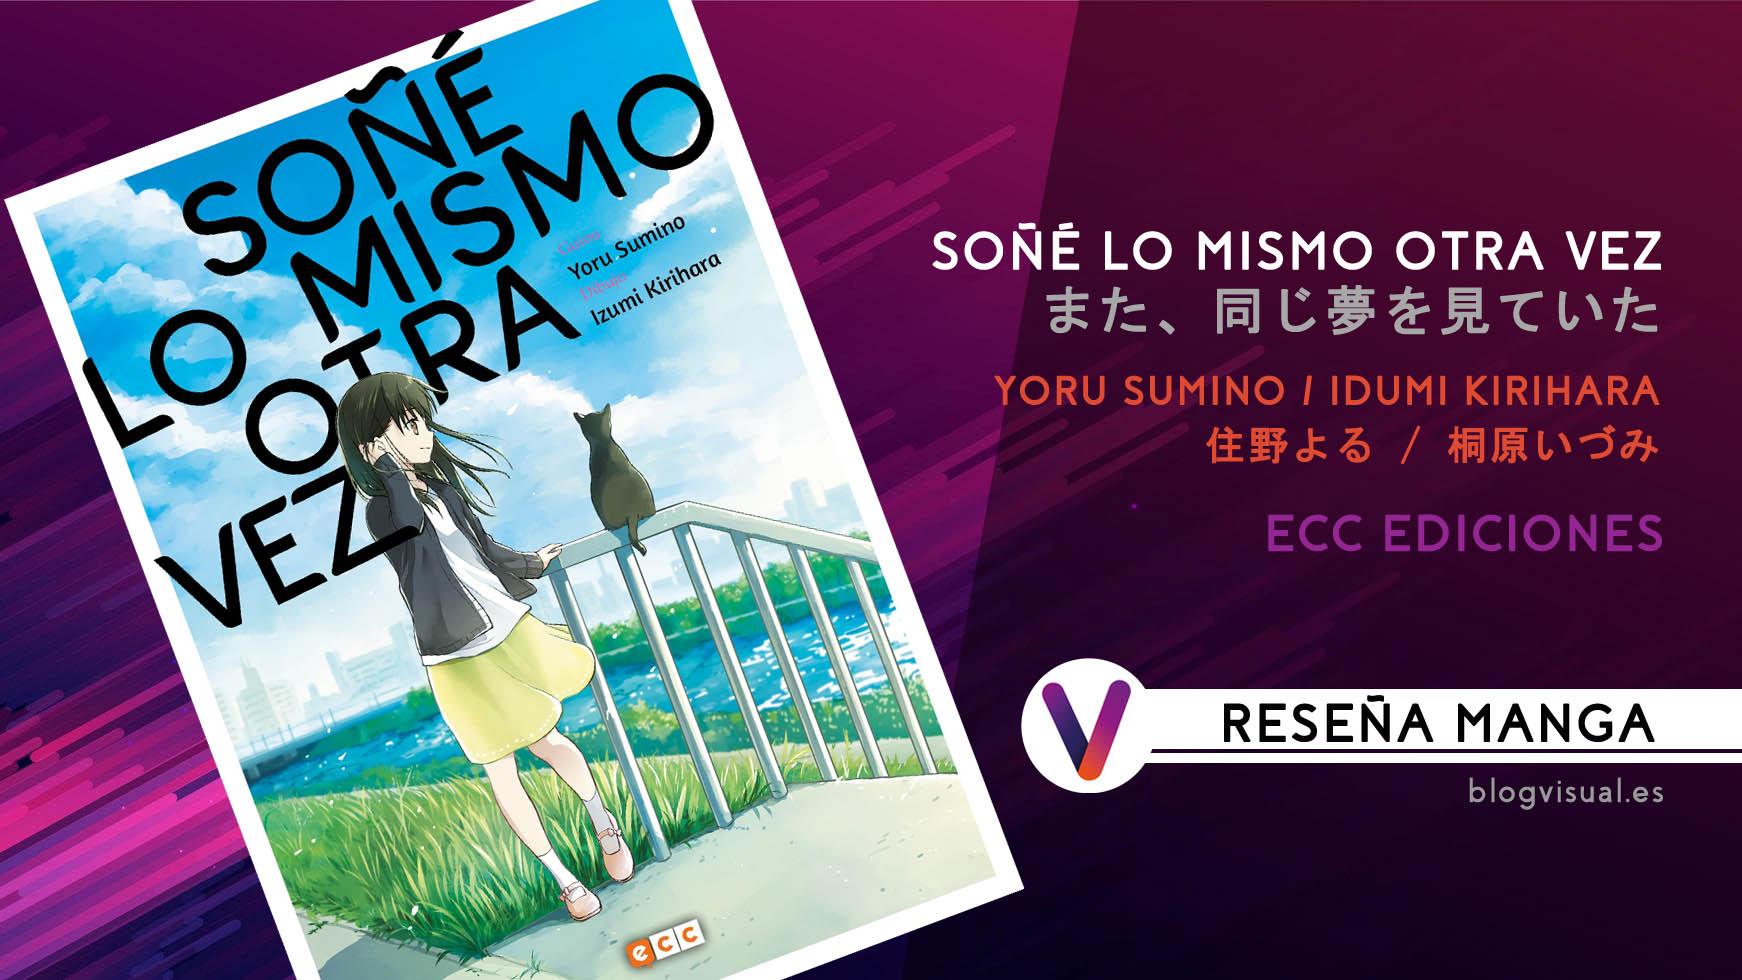 SONE-LO-MISMO-BANNER.jpg